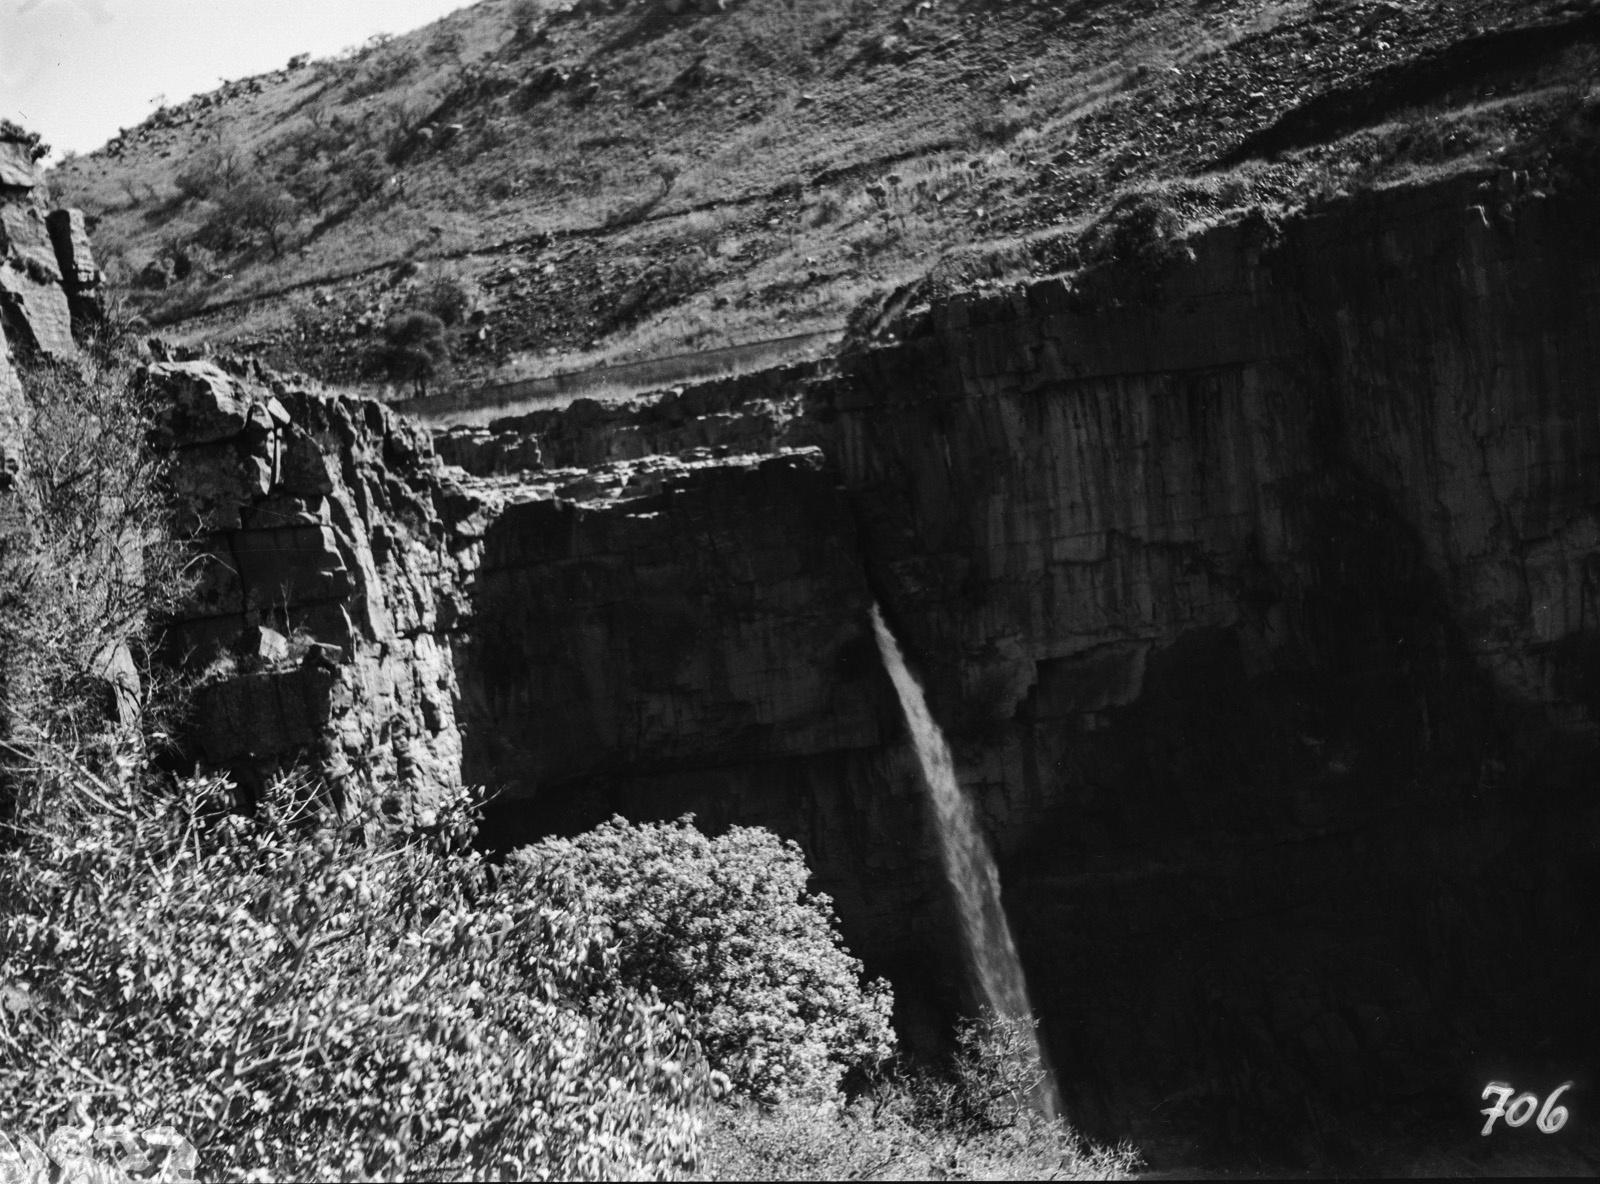 Окрестности Претории. Вид на скалистый пейзаж с небольшим водопадом